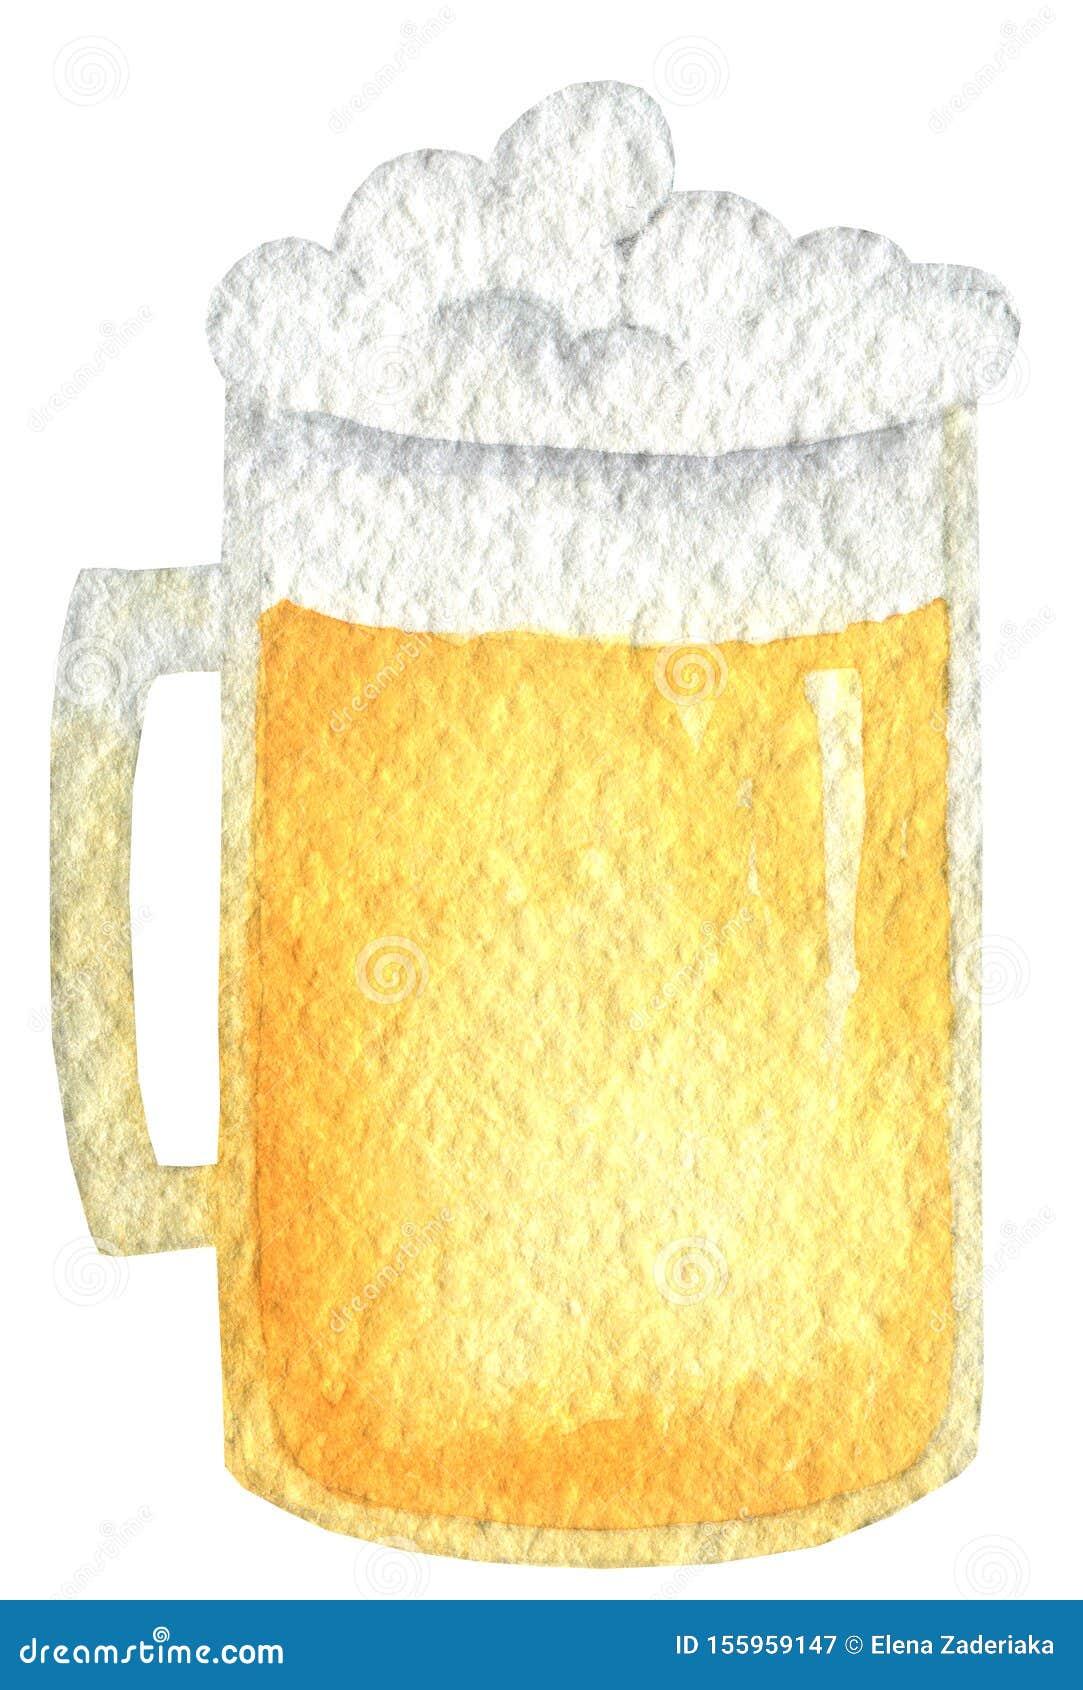 Clip Art Beer Mug Stock Illustrations 1 078 Clip Art Beer Mug Stock Illustrations Vectors Clipart Dreamstime